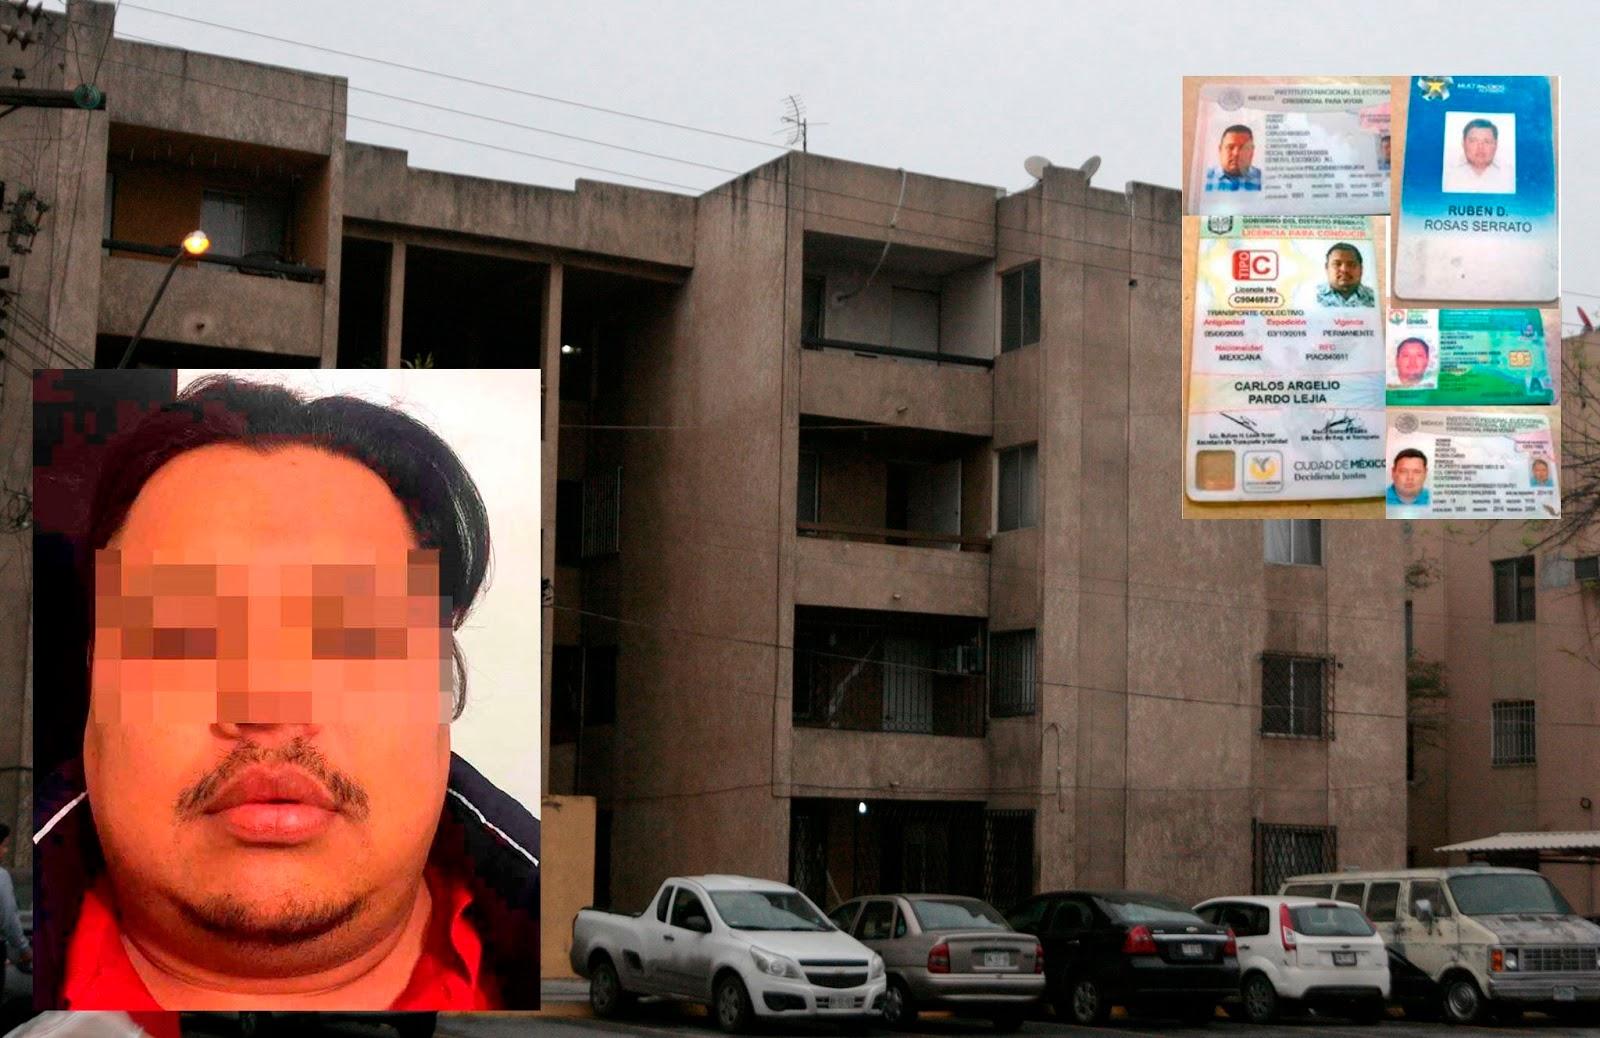 Si 'El Cochi' habla caen todos en NL el capo fue detenido por Marinos sin aviso al gobierno ni El Bronco sabía